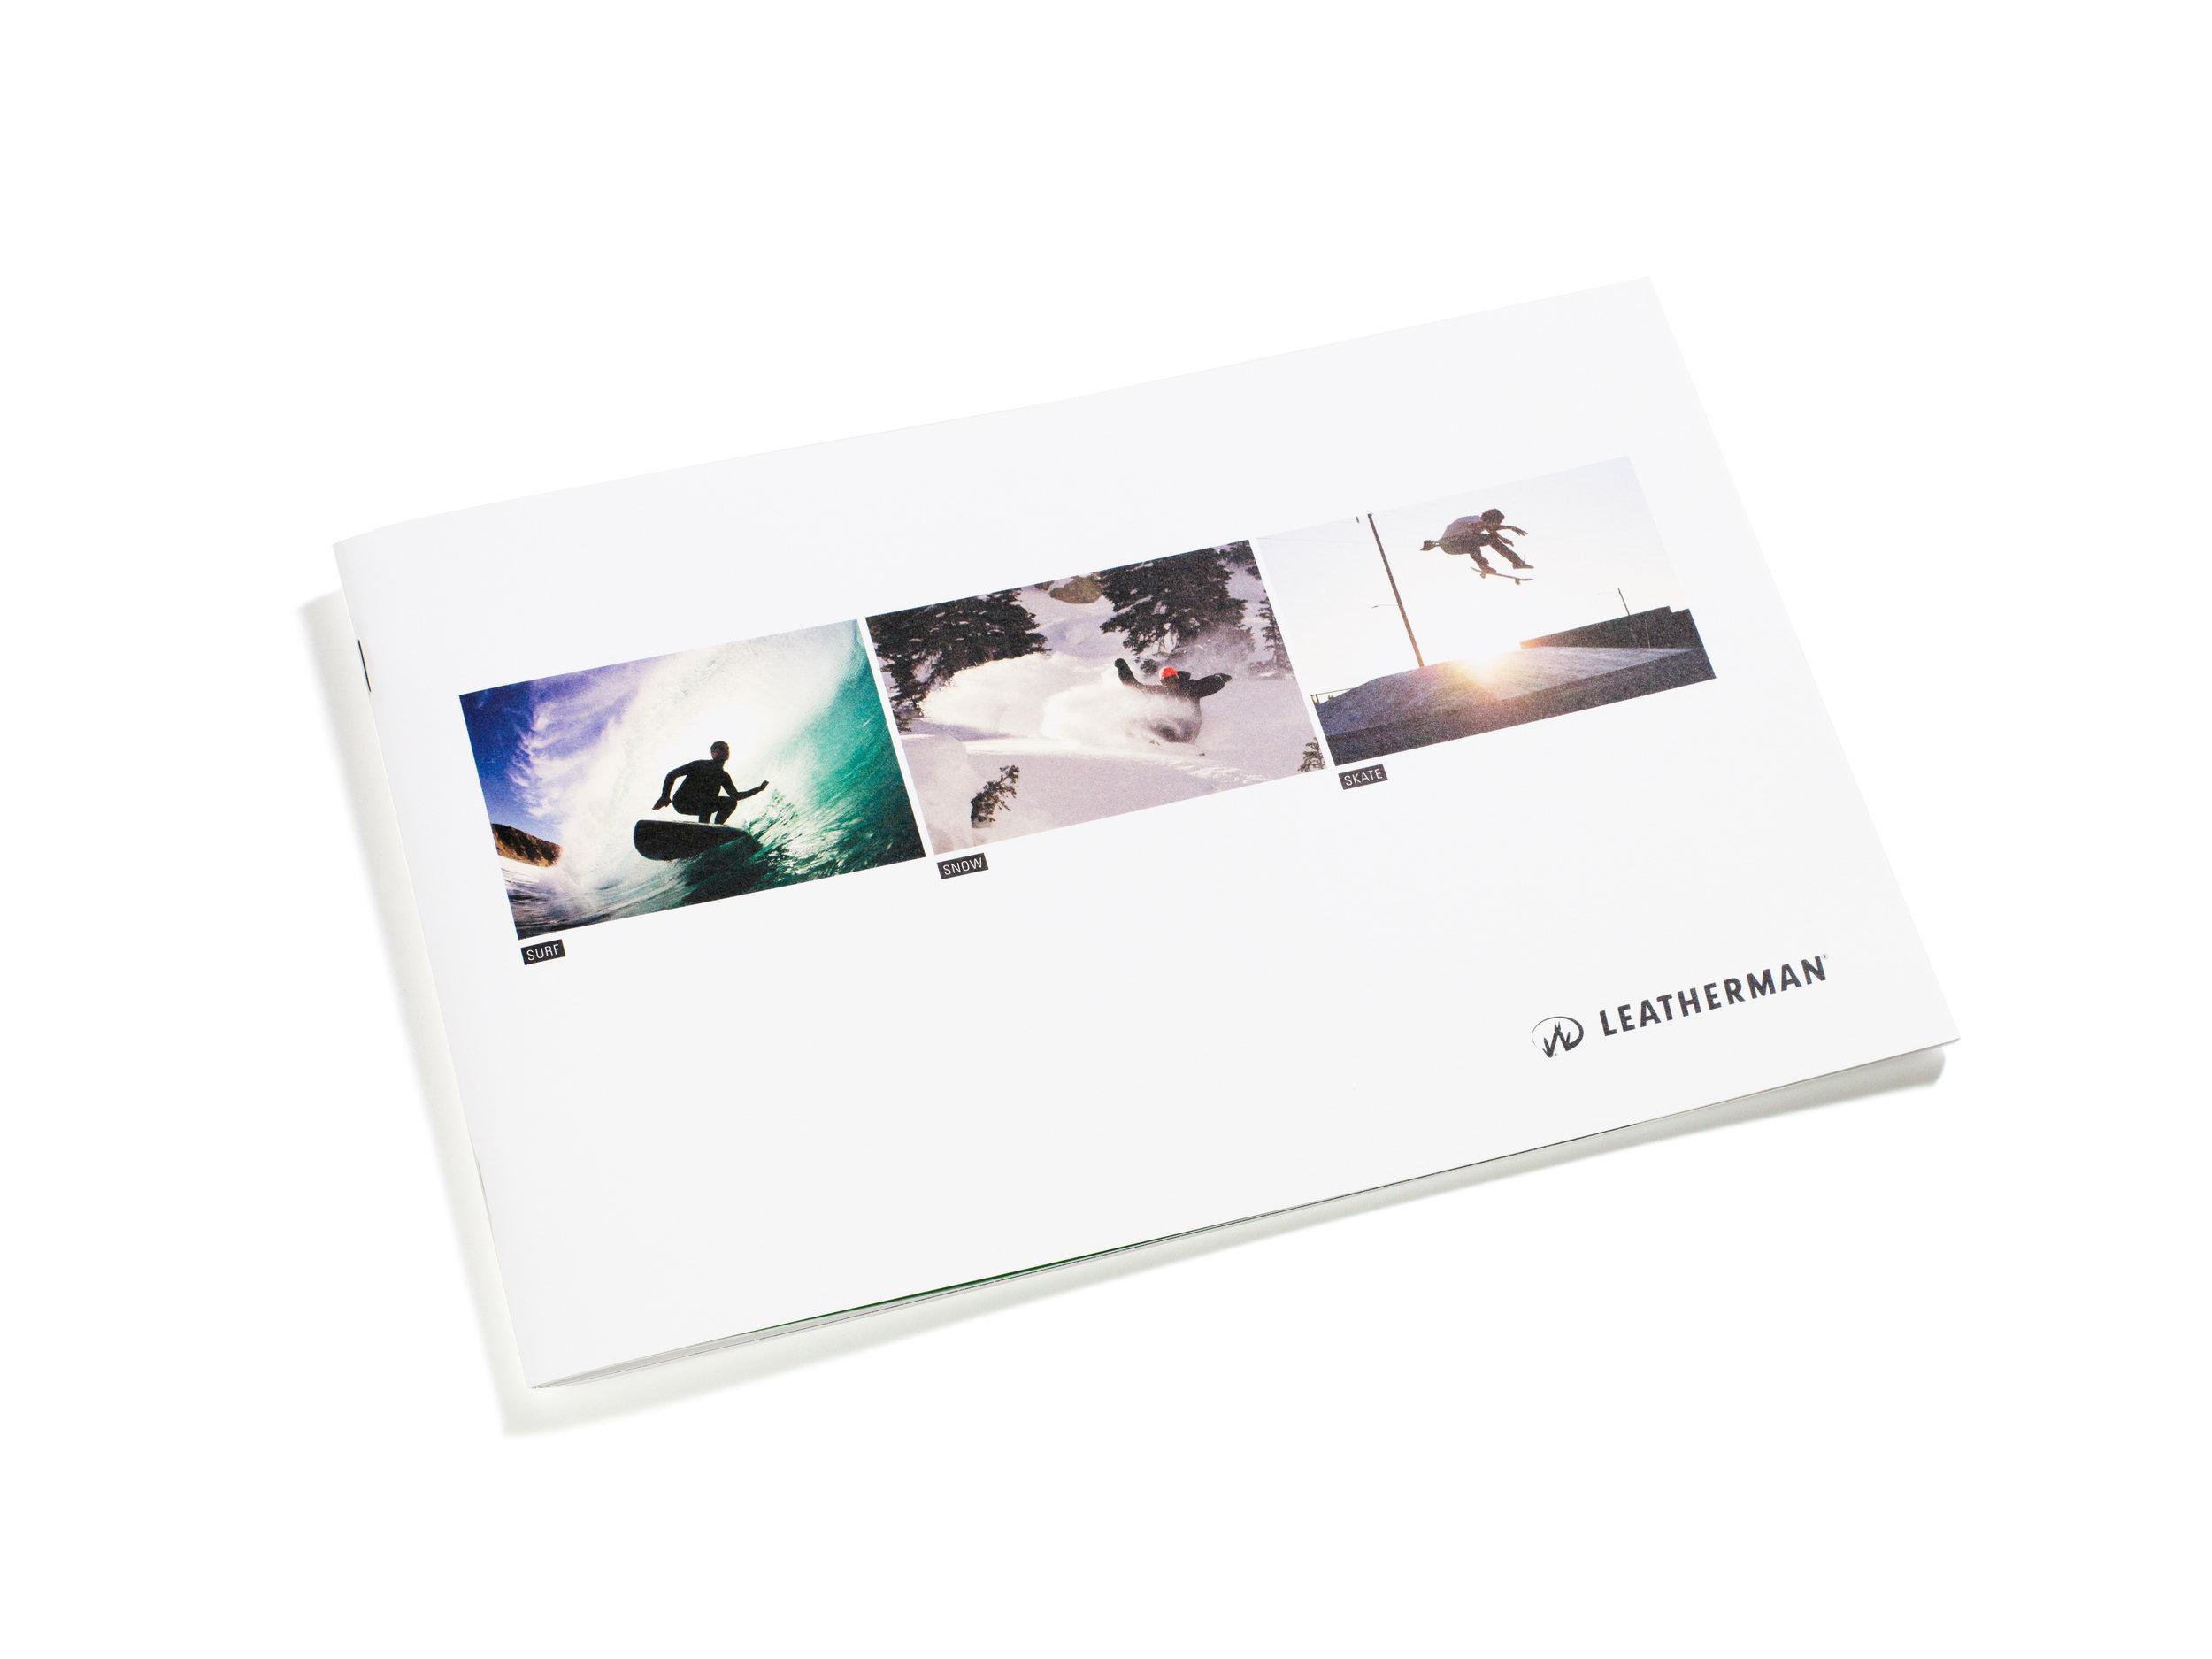 Leatherman-Sample_4.jpg